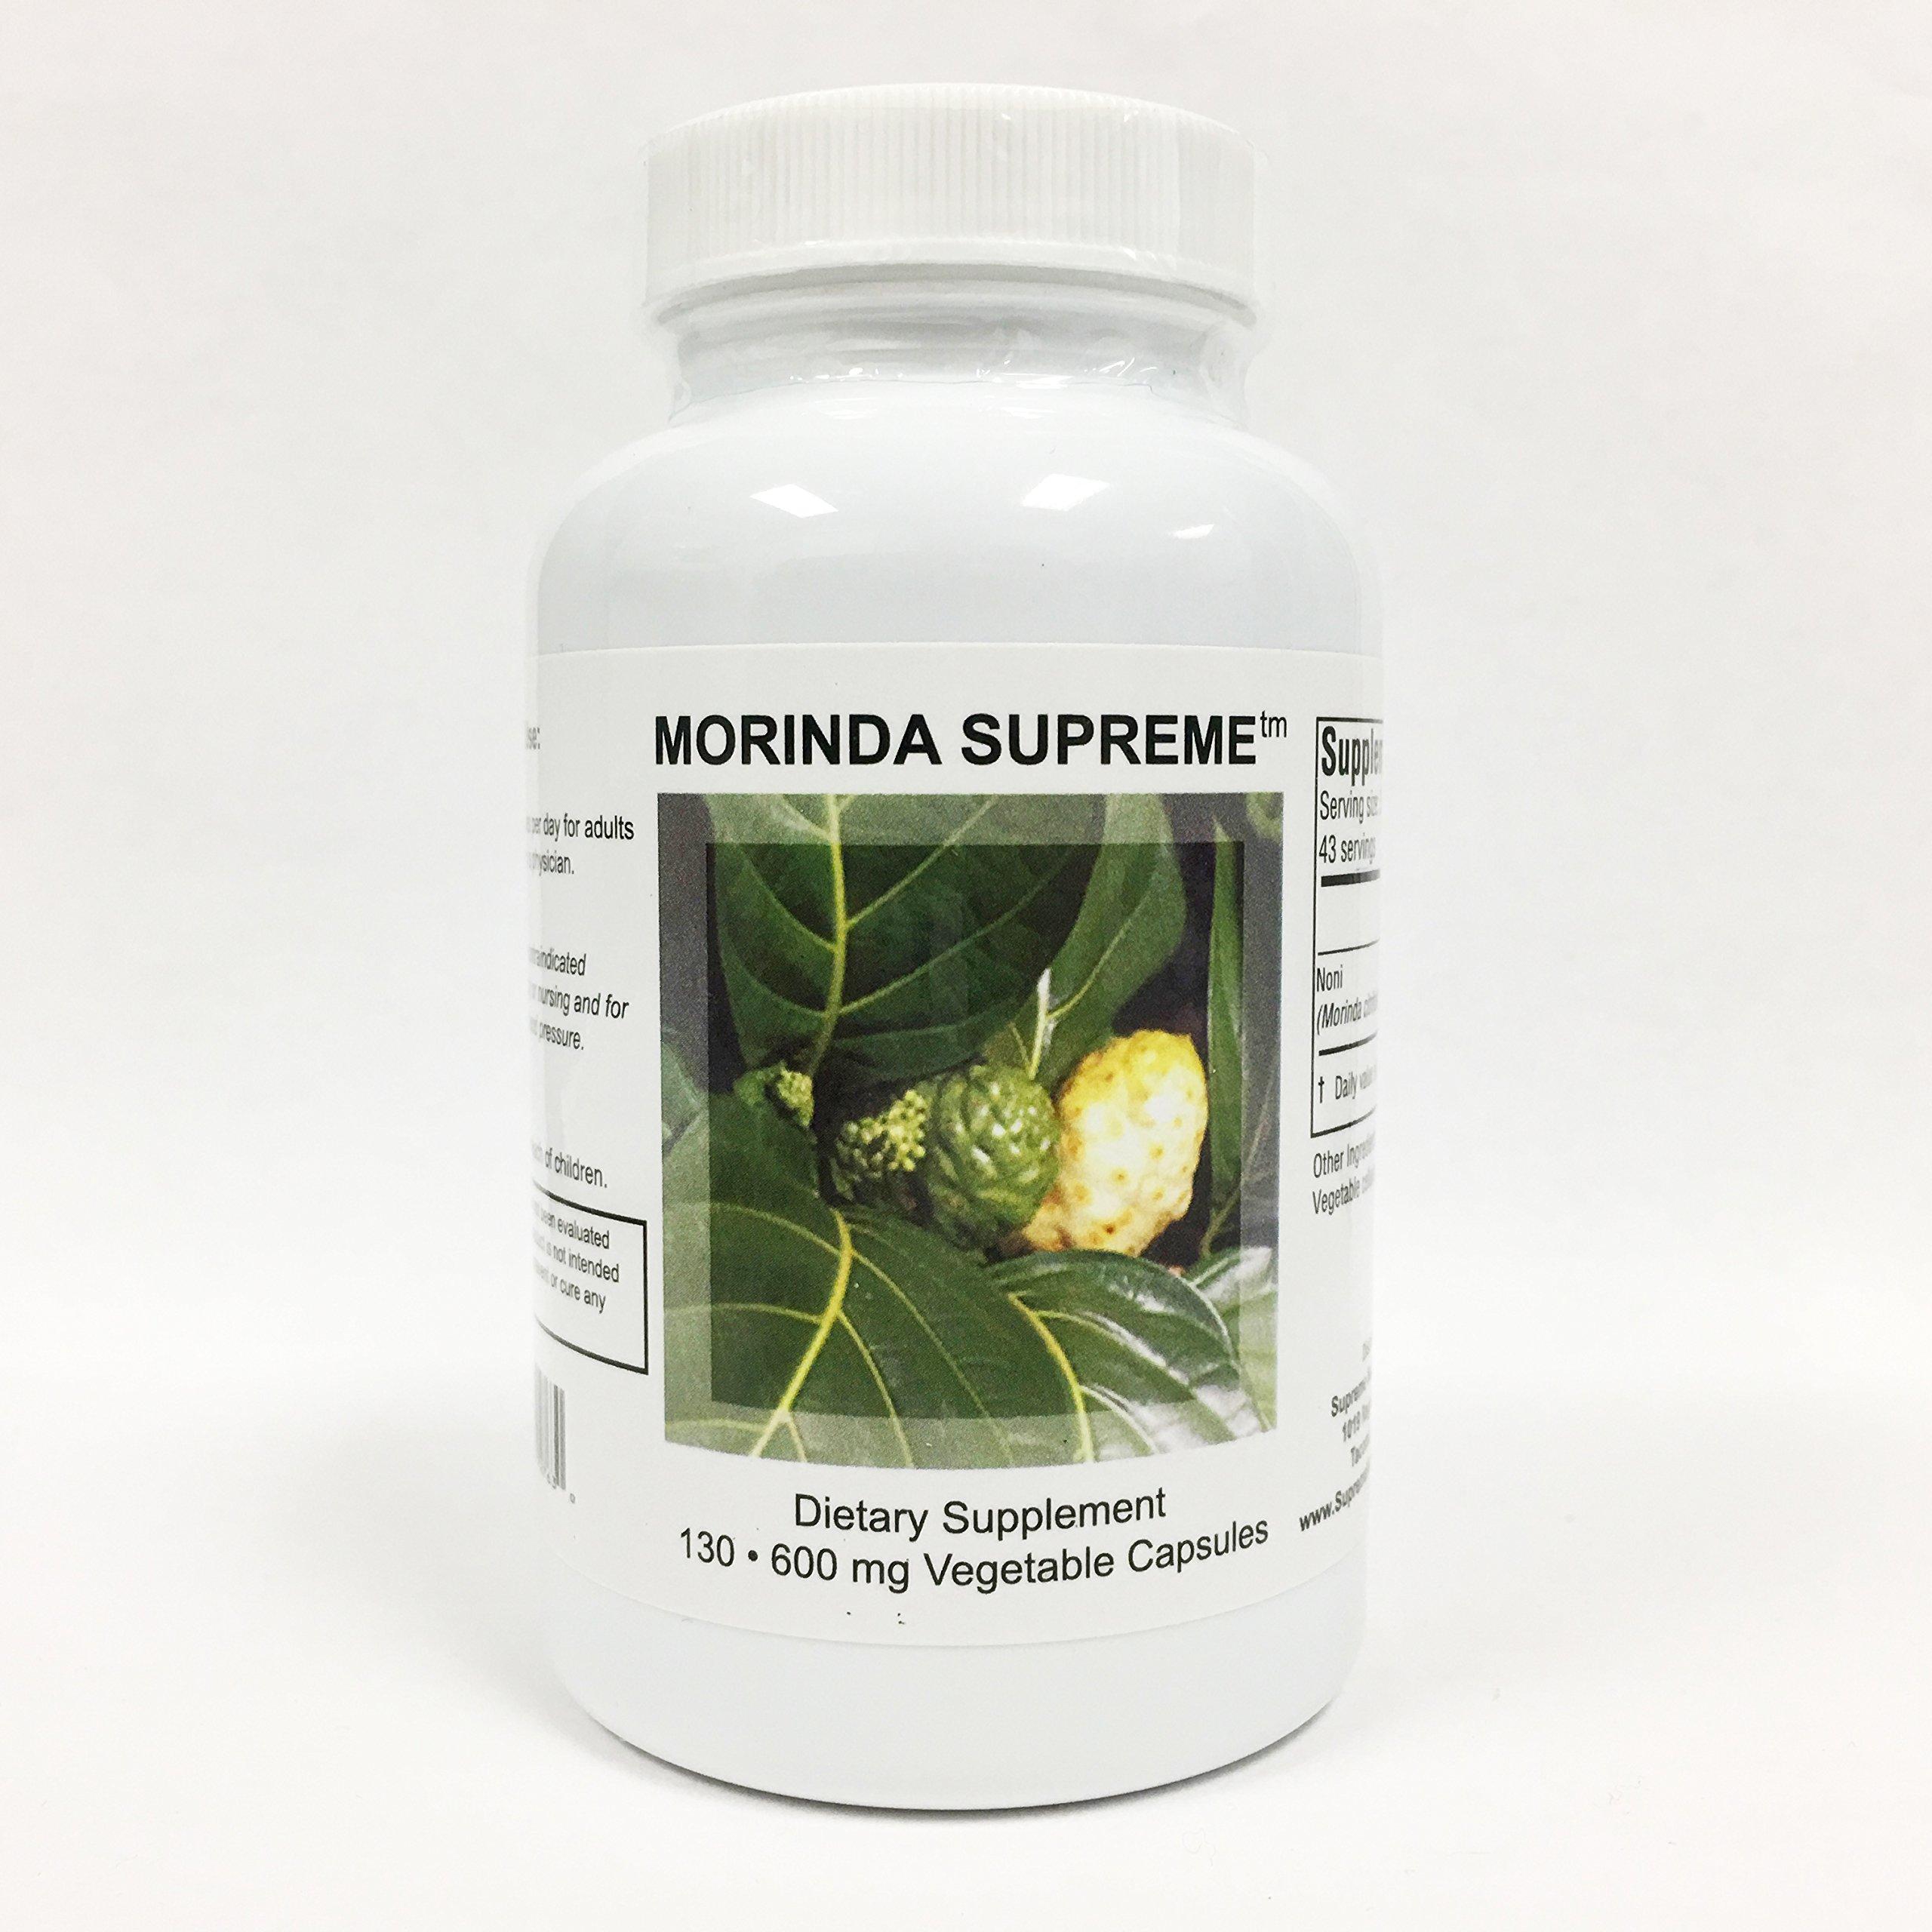 Morinda Supreme Capsules